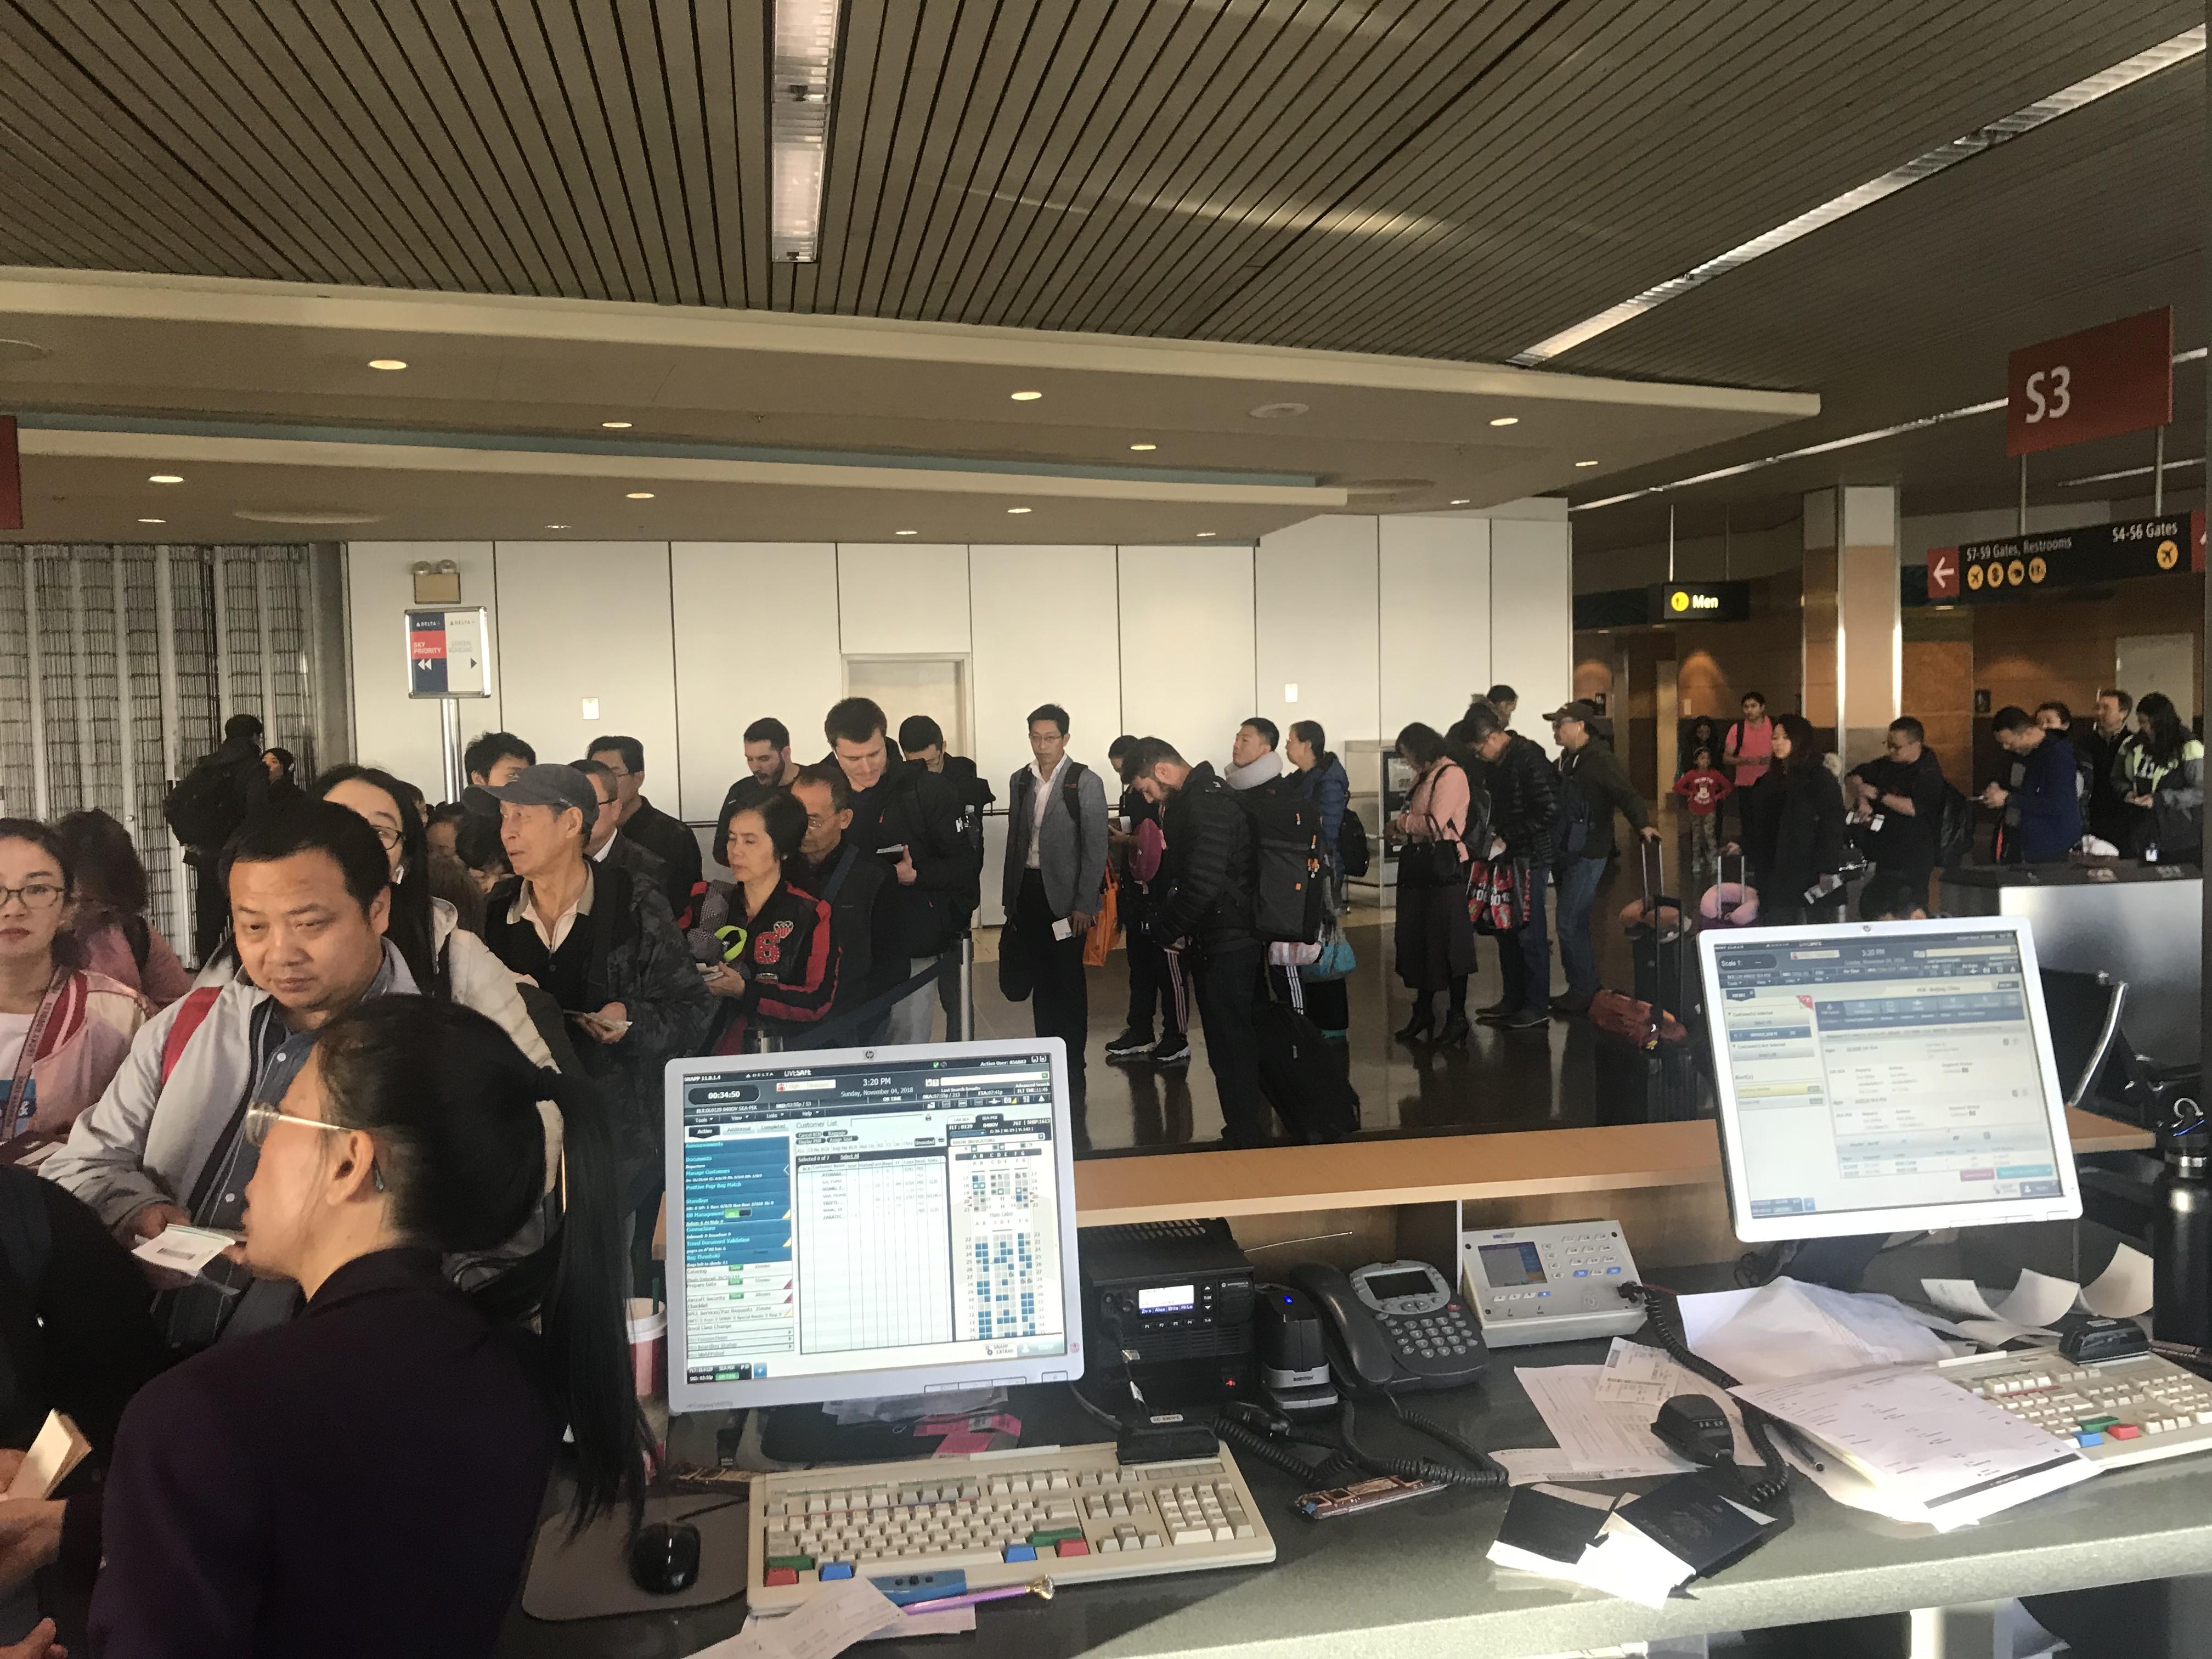 beijing transit without visa line